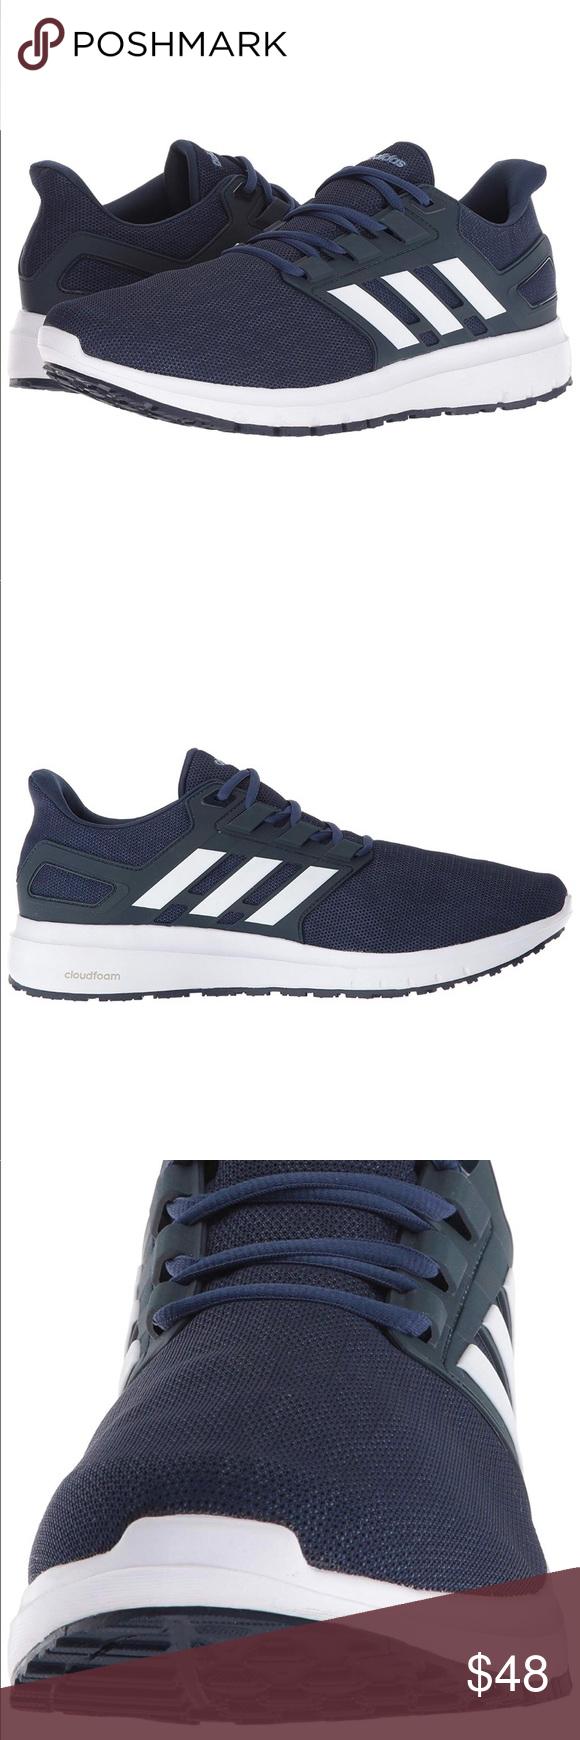 Adidas Energy Cloud 2 New With Box Size Us 9 5 F 43 1 2 Uk 9 Adidas Shoes Athletic Shoes Adidas Women Blue Adidas Adidas